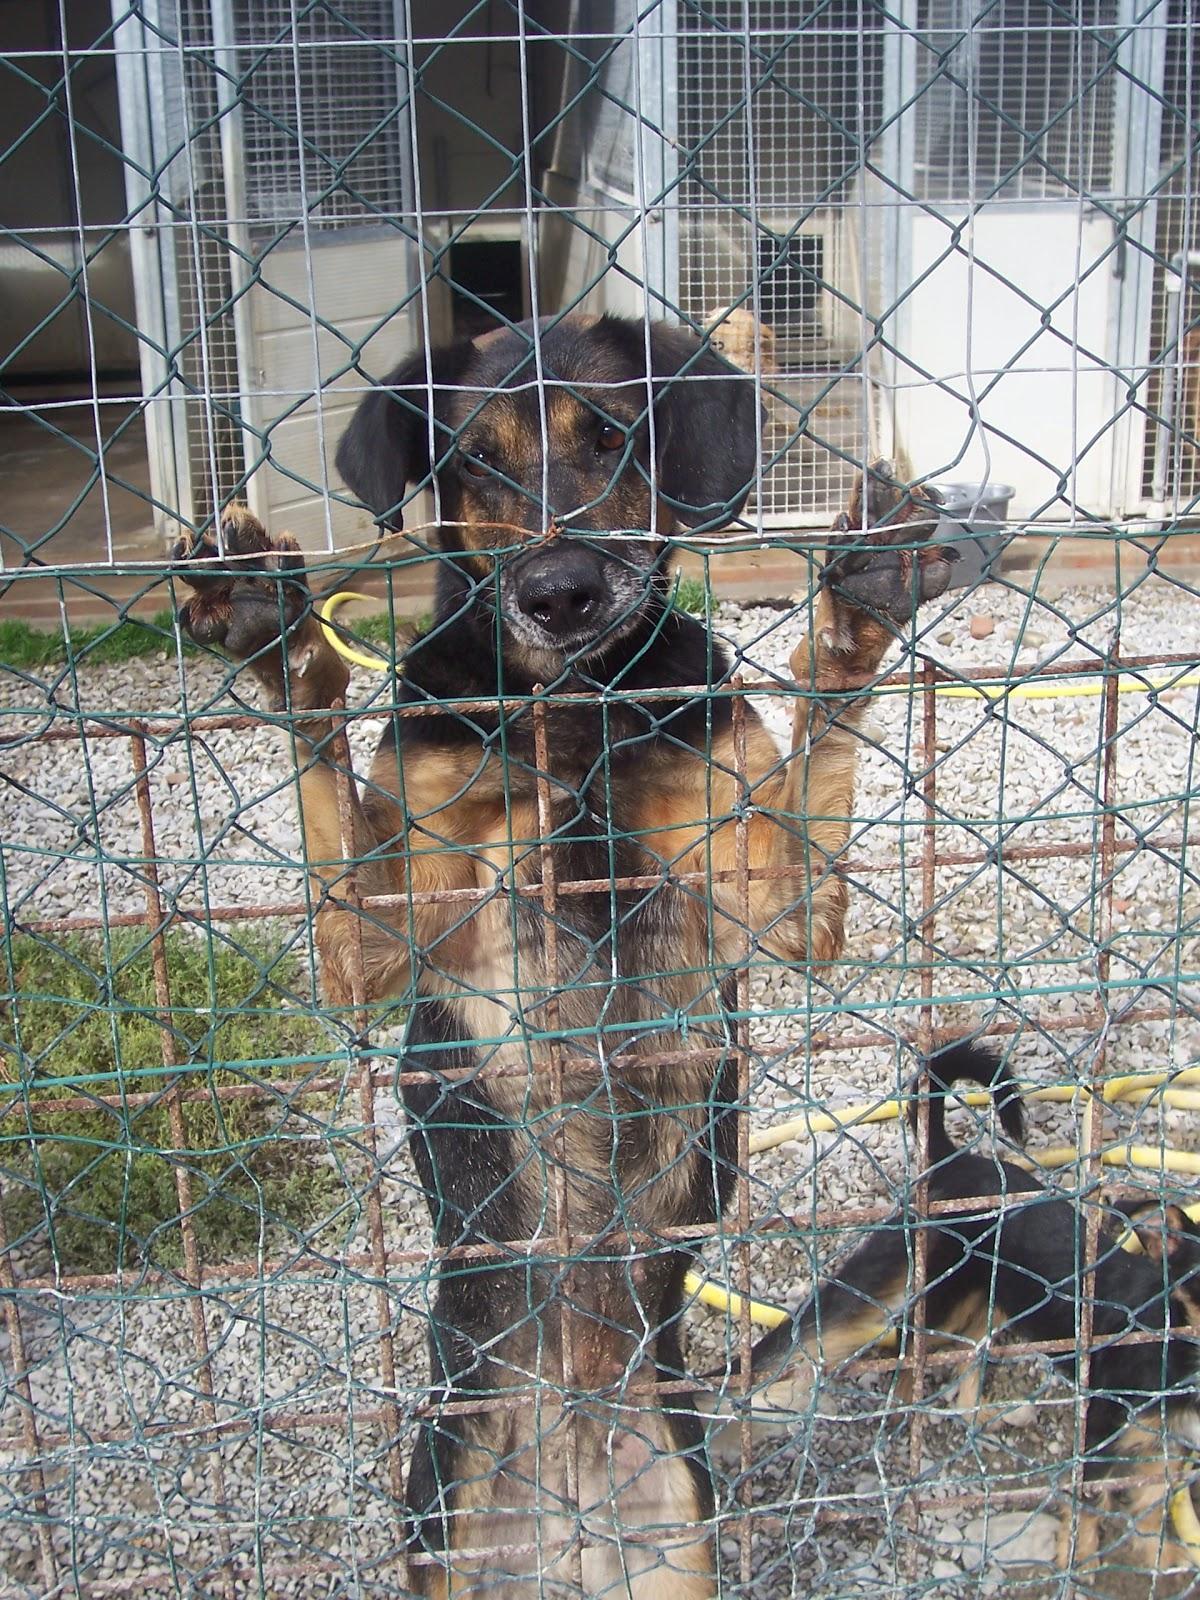 Canile di ossaia margot pastorina vivace giocherellona - Portare il cane al canile ...